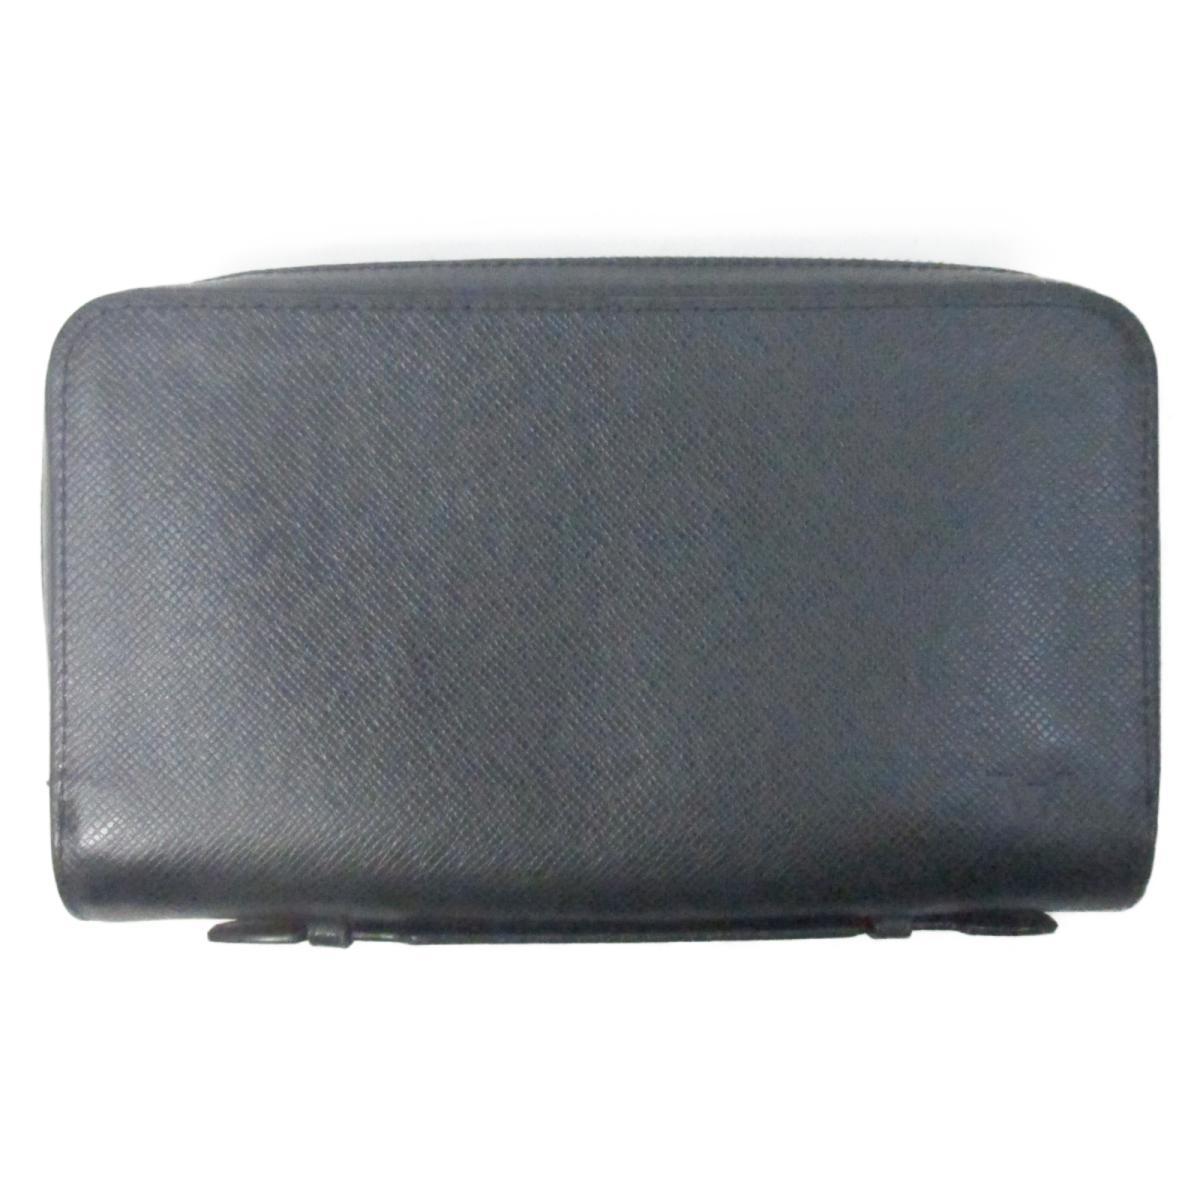 ジッピーXL・タイガ財布 財布